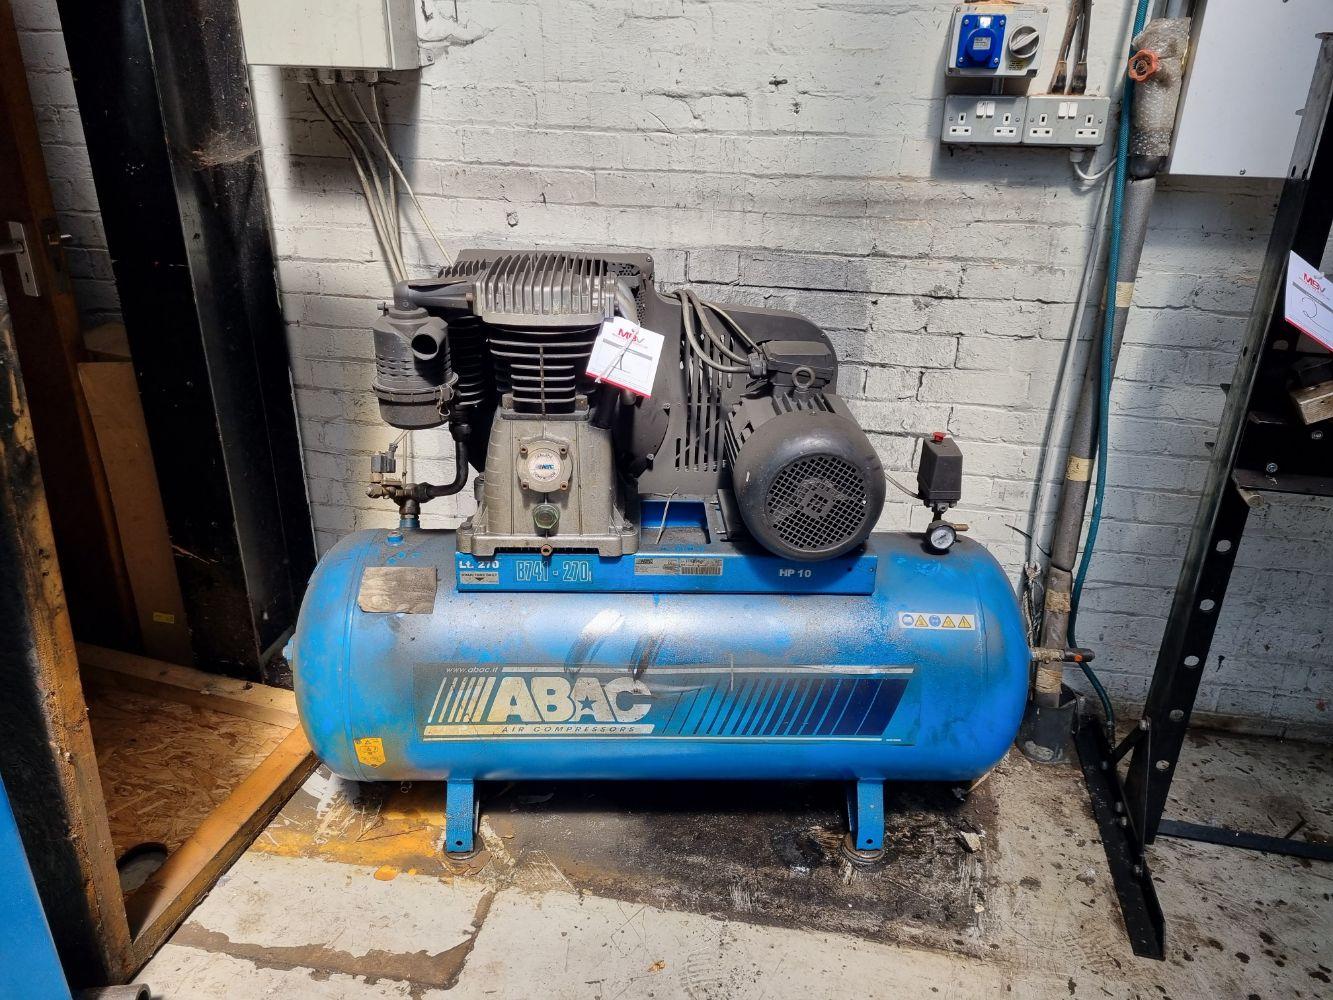 Vehicle Repair and MOT Machinery and Ancillary Equipment